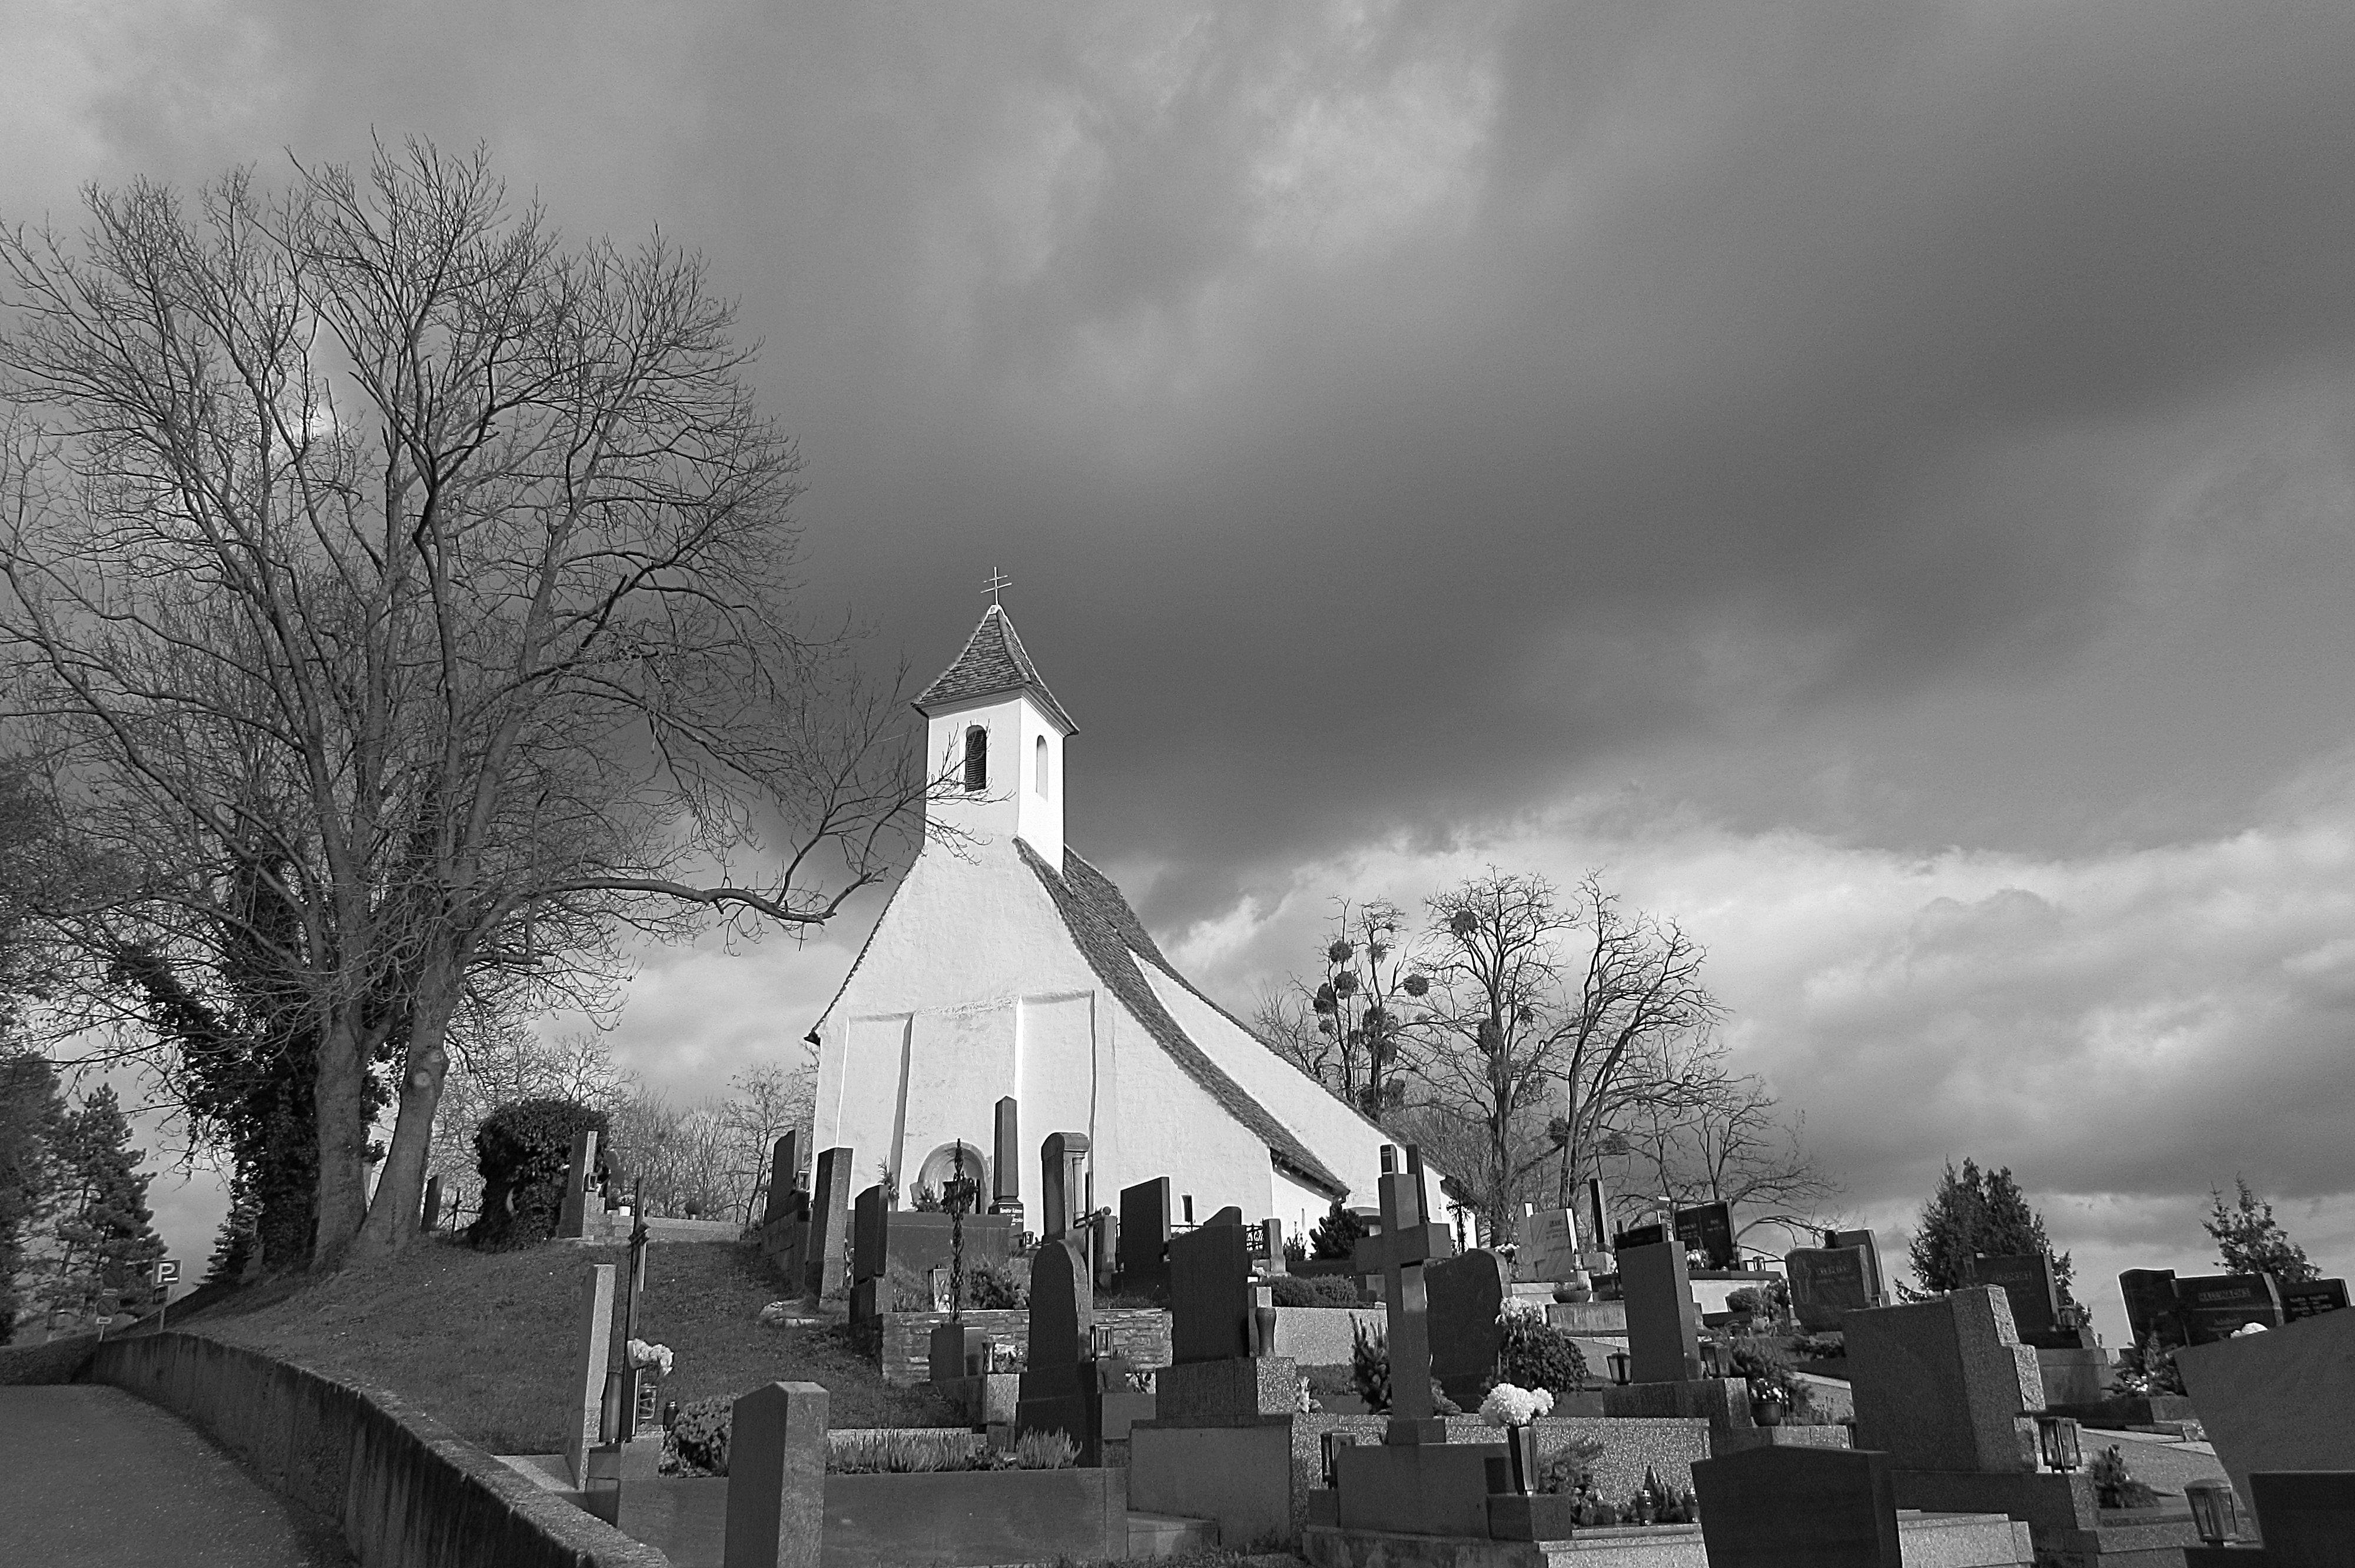 Schönes Schwarz-Weiß Foto passend zur Stimmung in Verbindung mit den Wolken...